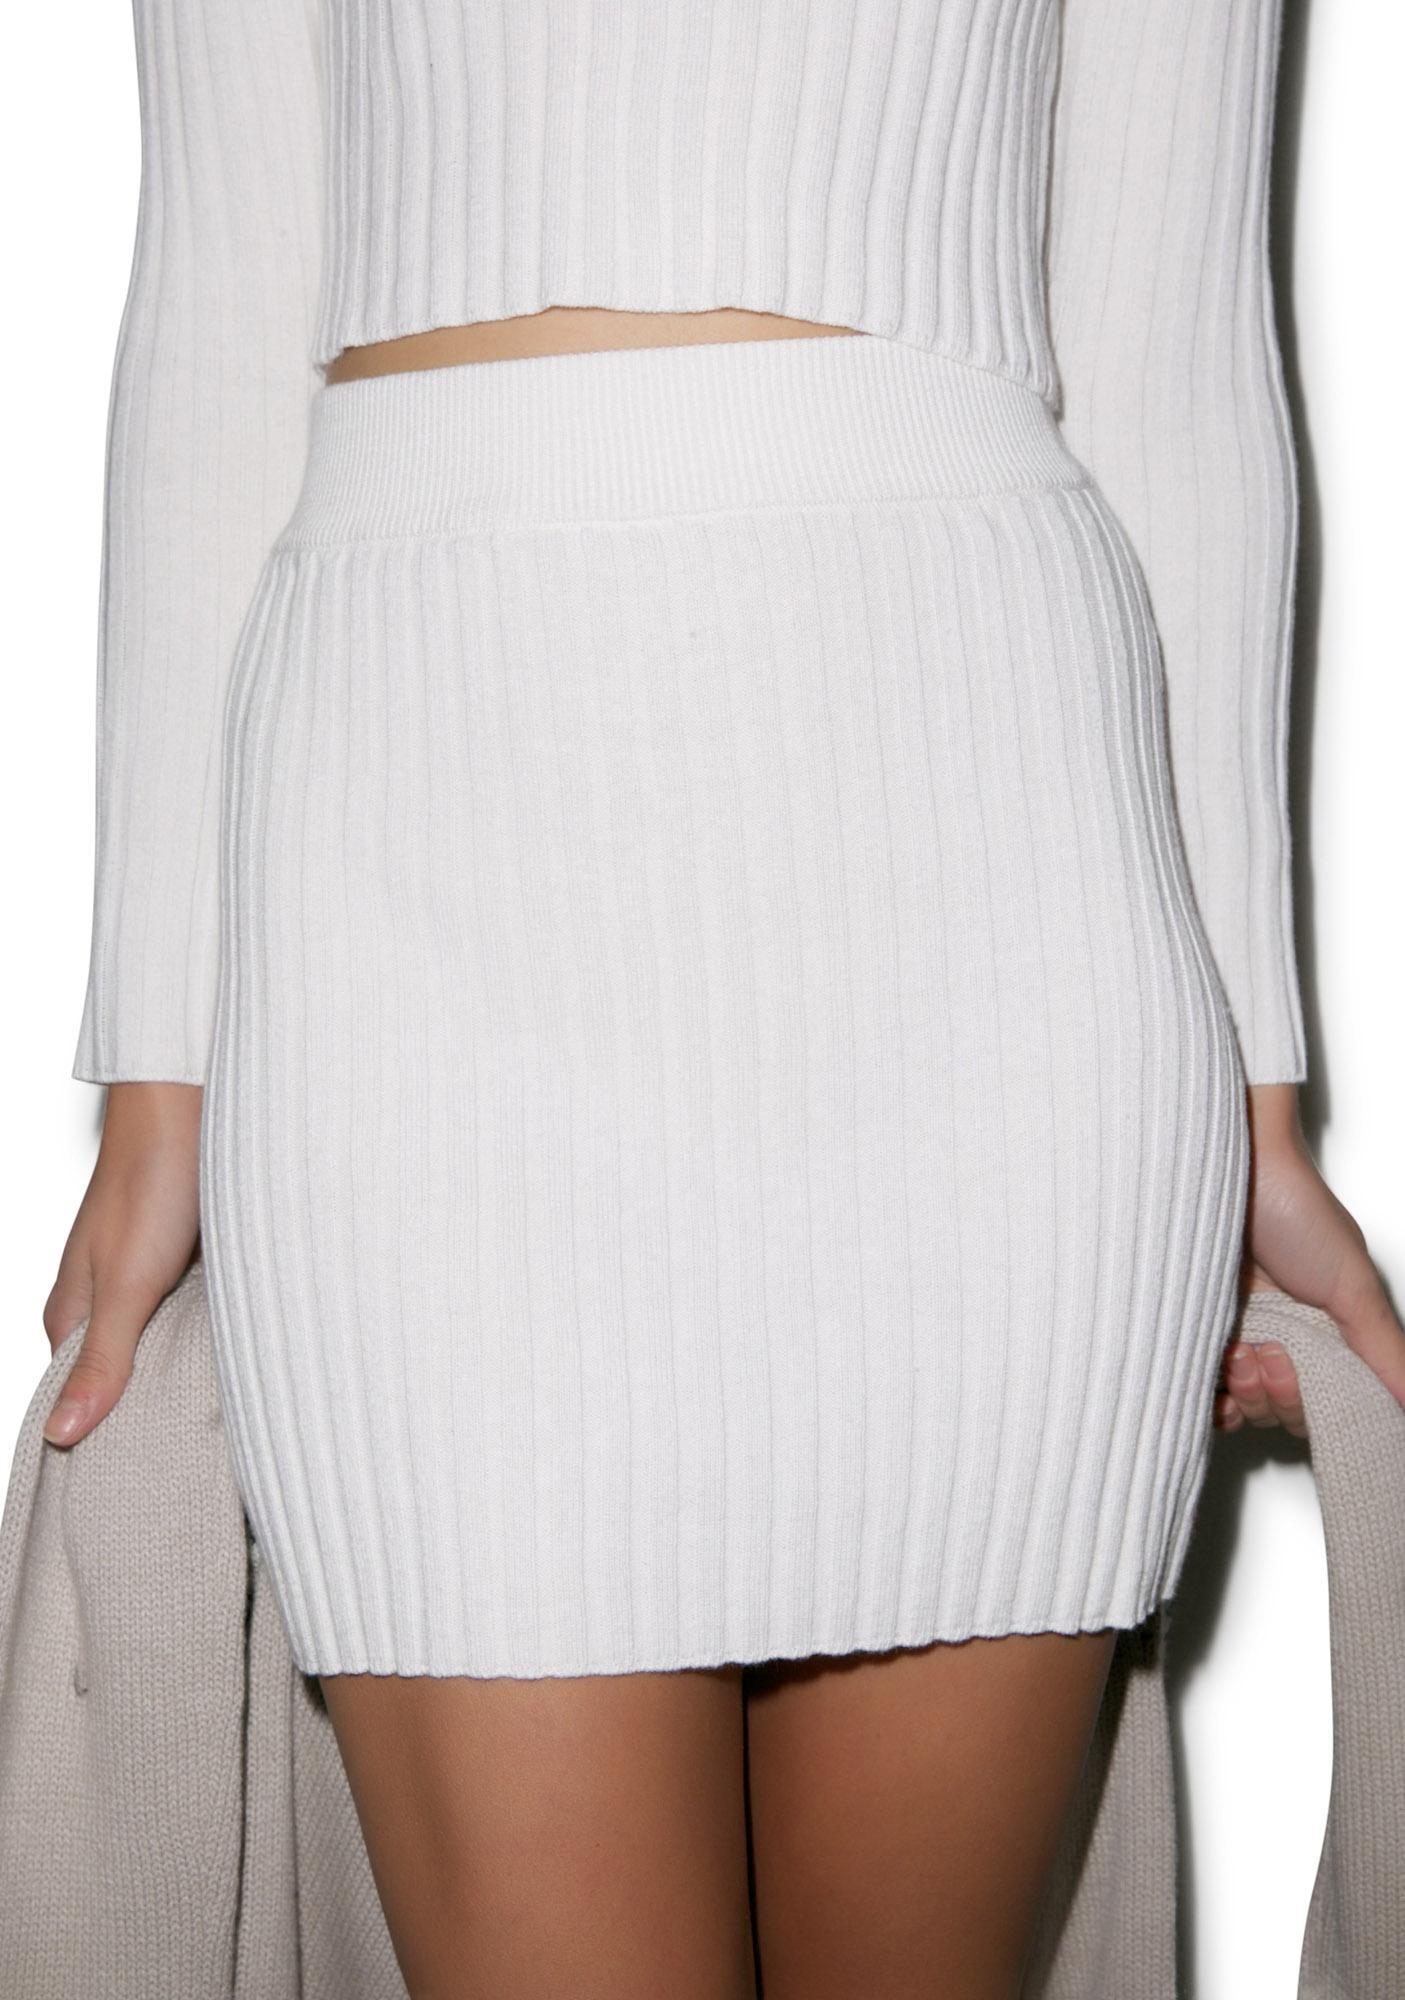 For Love & Lemons Snuggler Skirt